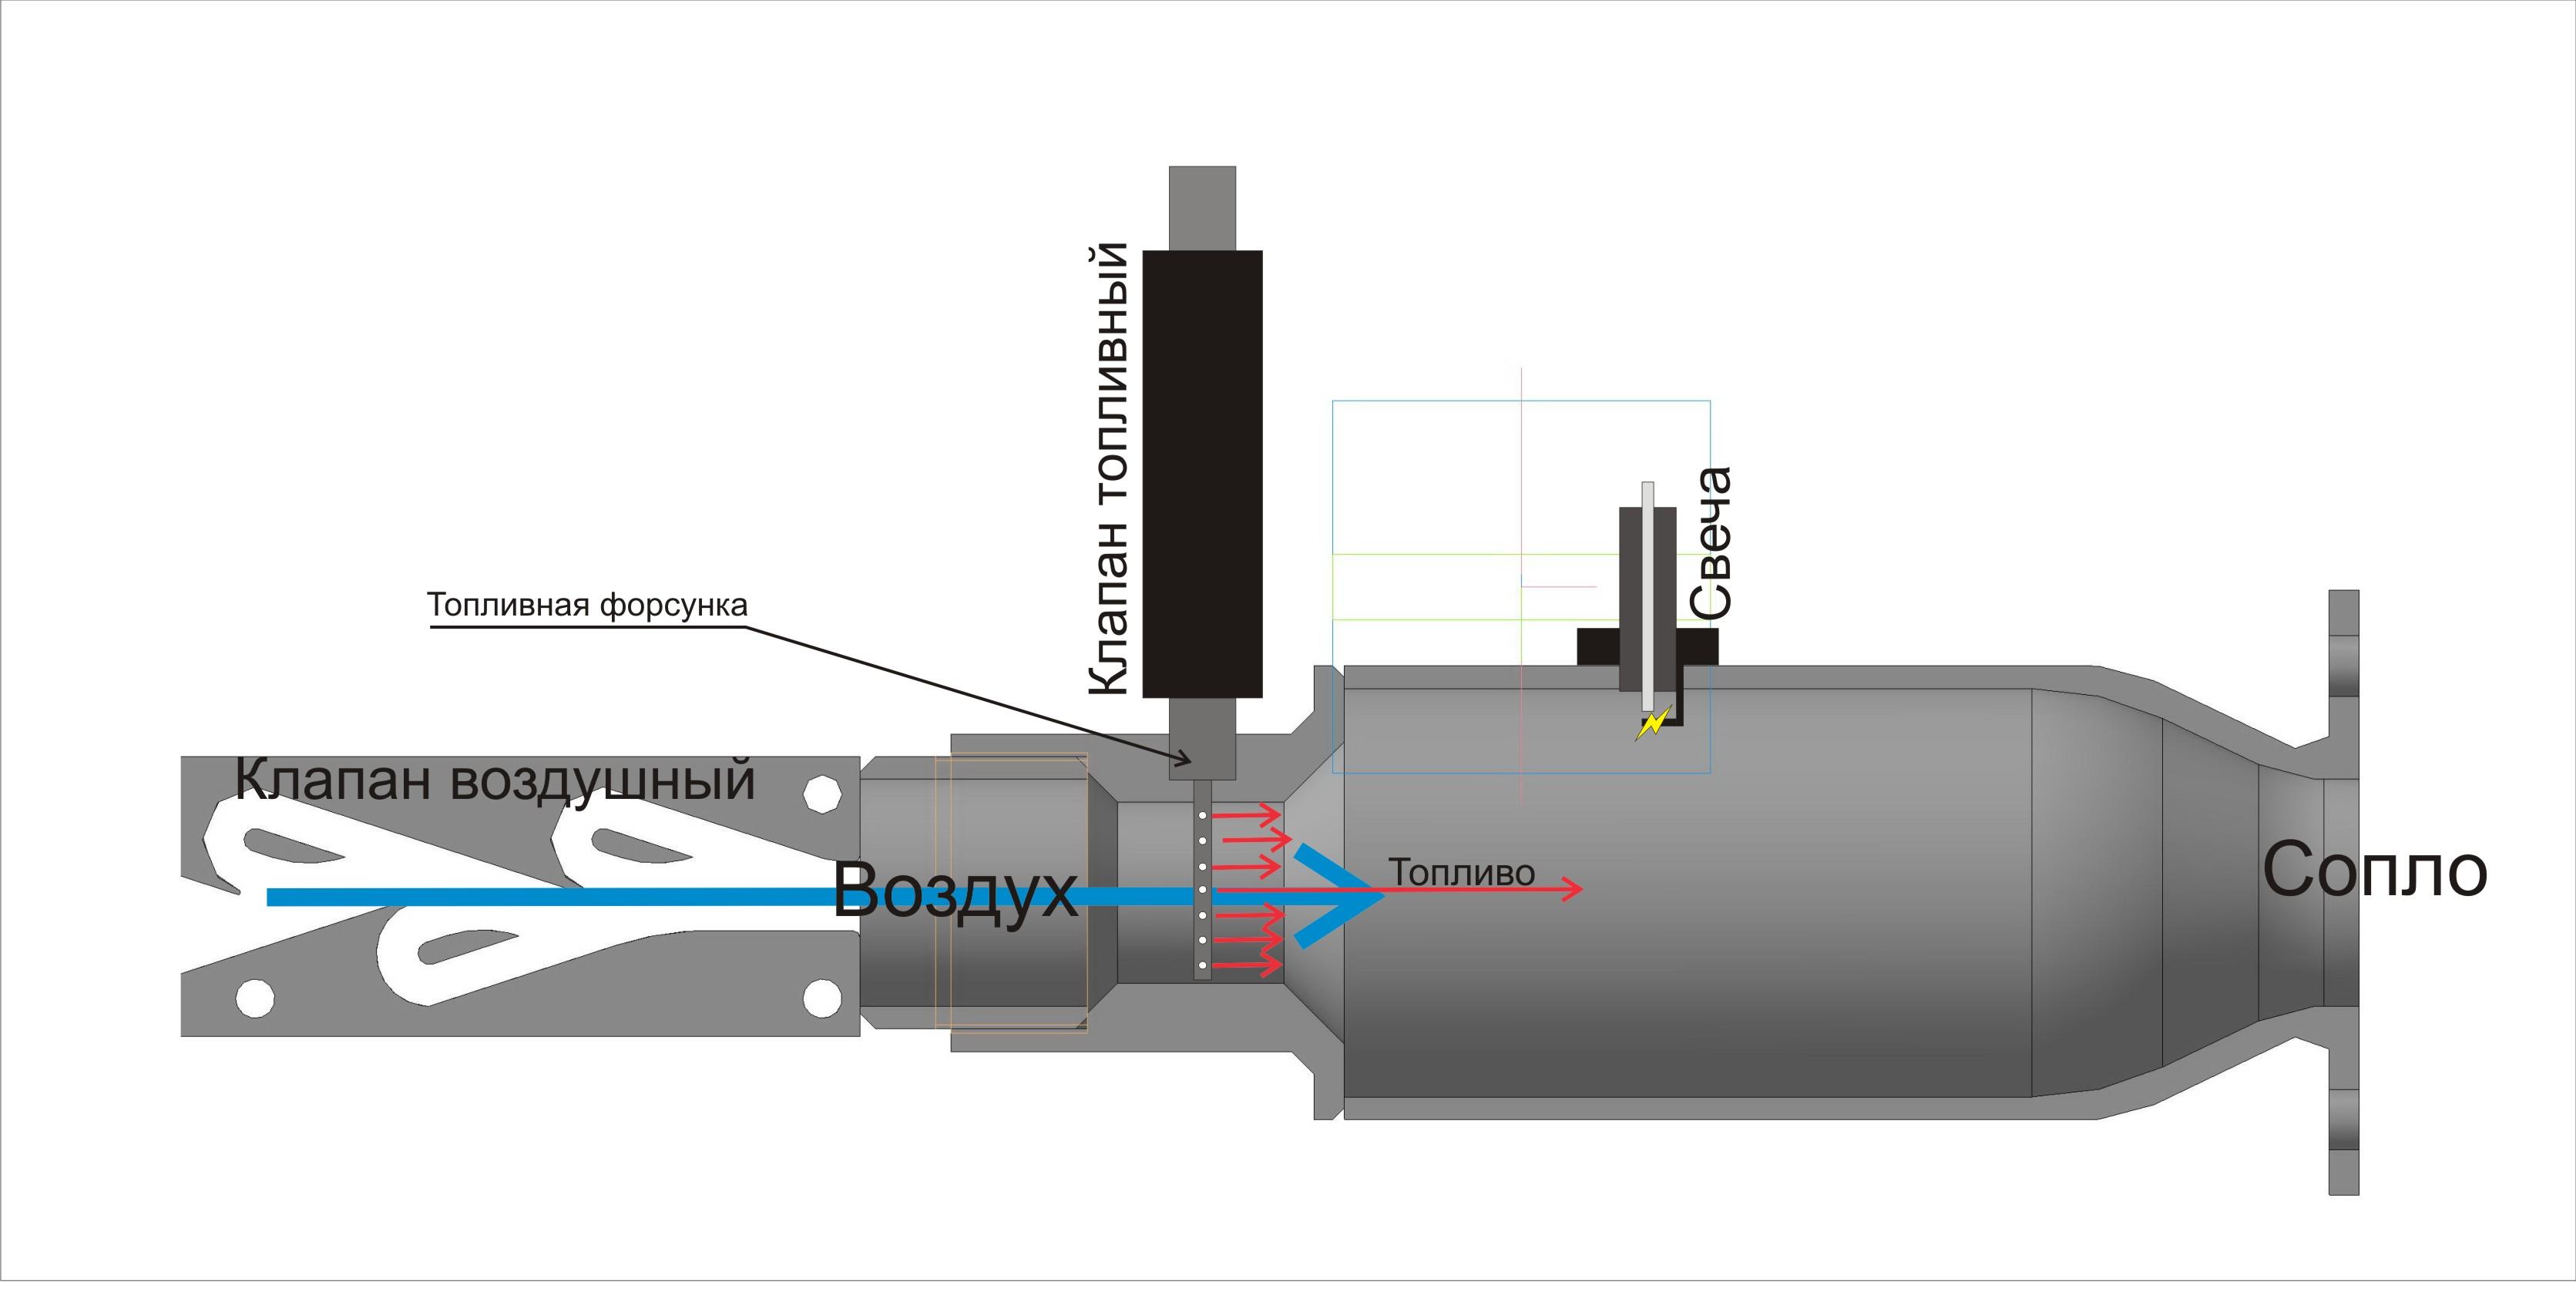 Безлопастная турбина тесла скачать тс форекс pulse trend